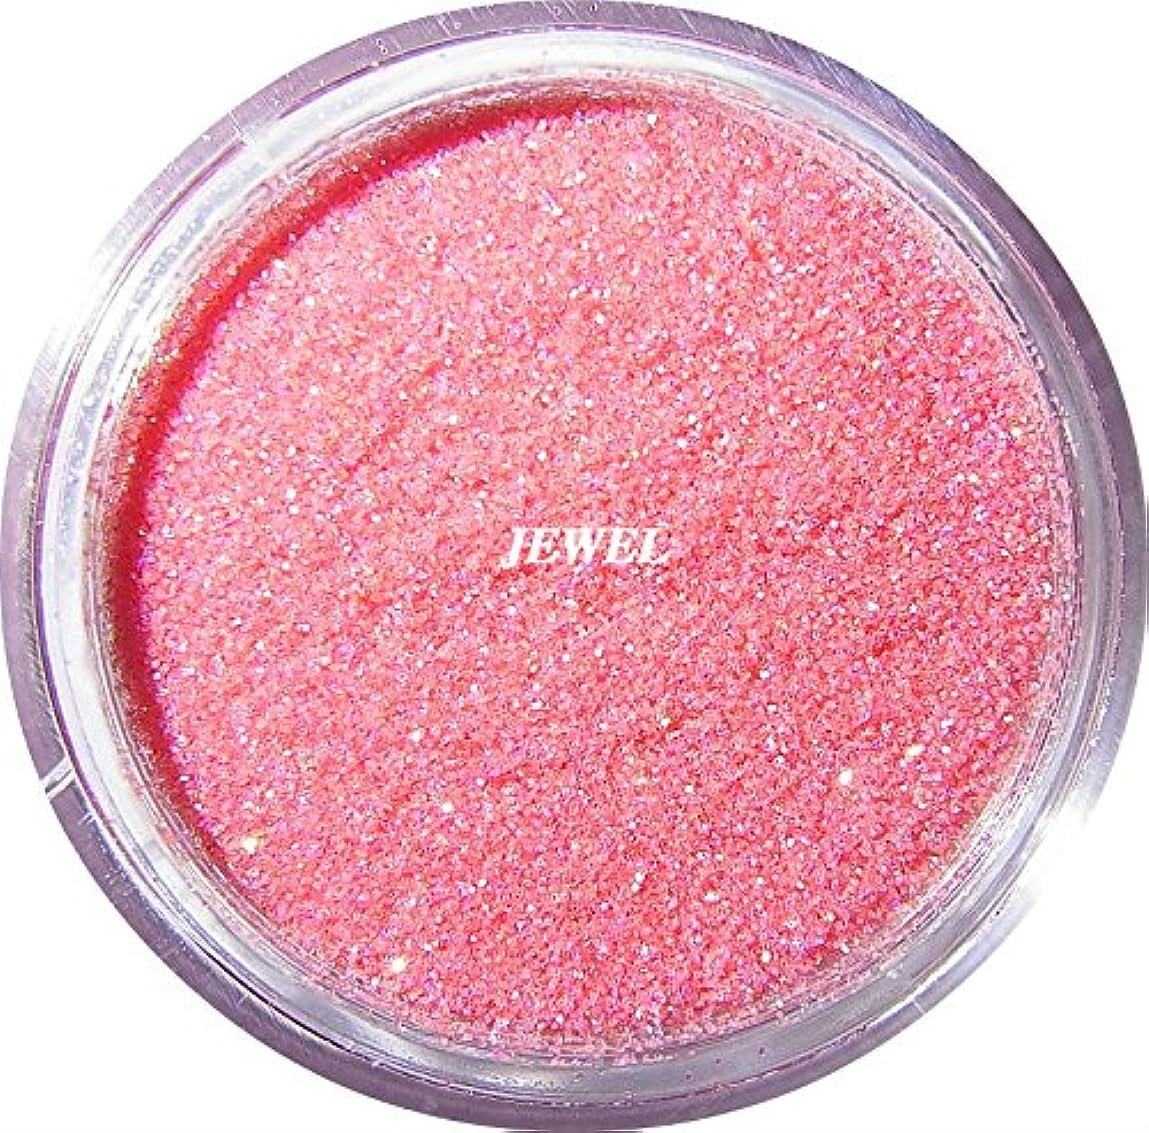 申請者階段トレード【jewel】 超微粒子ラメパウダーたっぷり2g入り 12色から選択可能 レジン&ネイル用 (ベビーピンク)